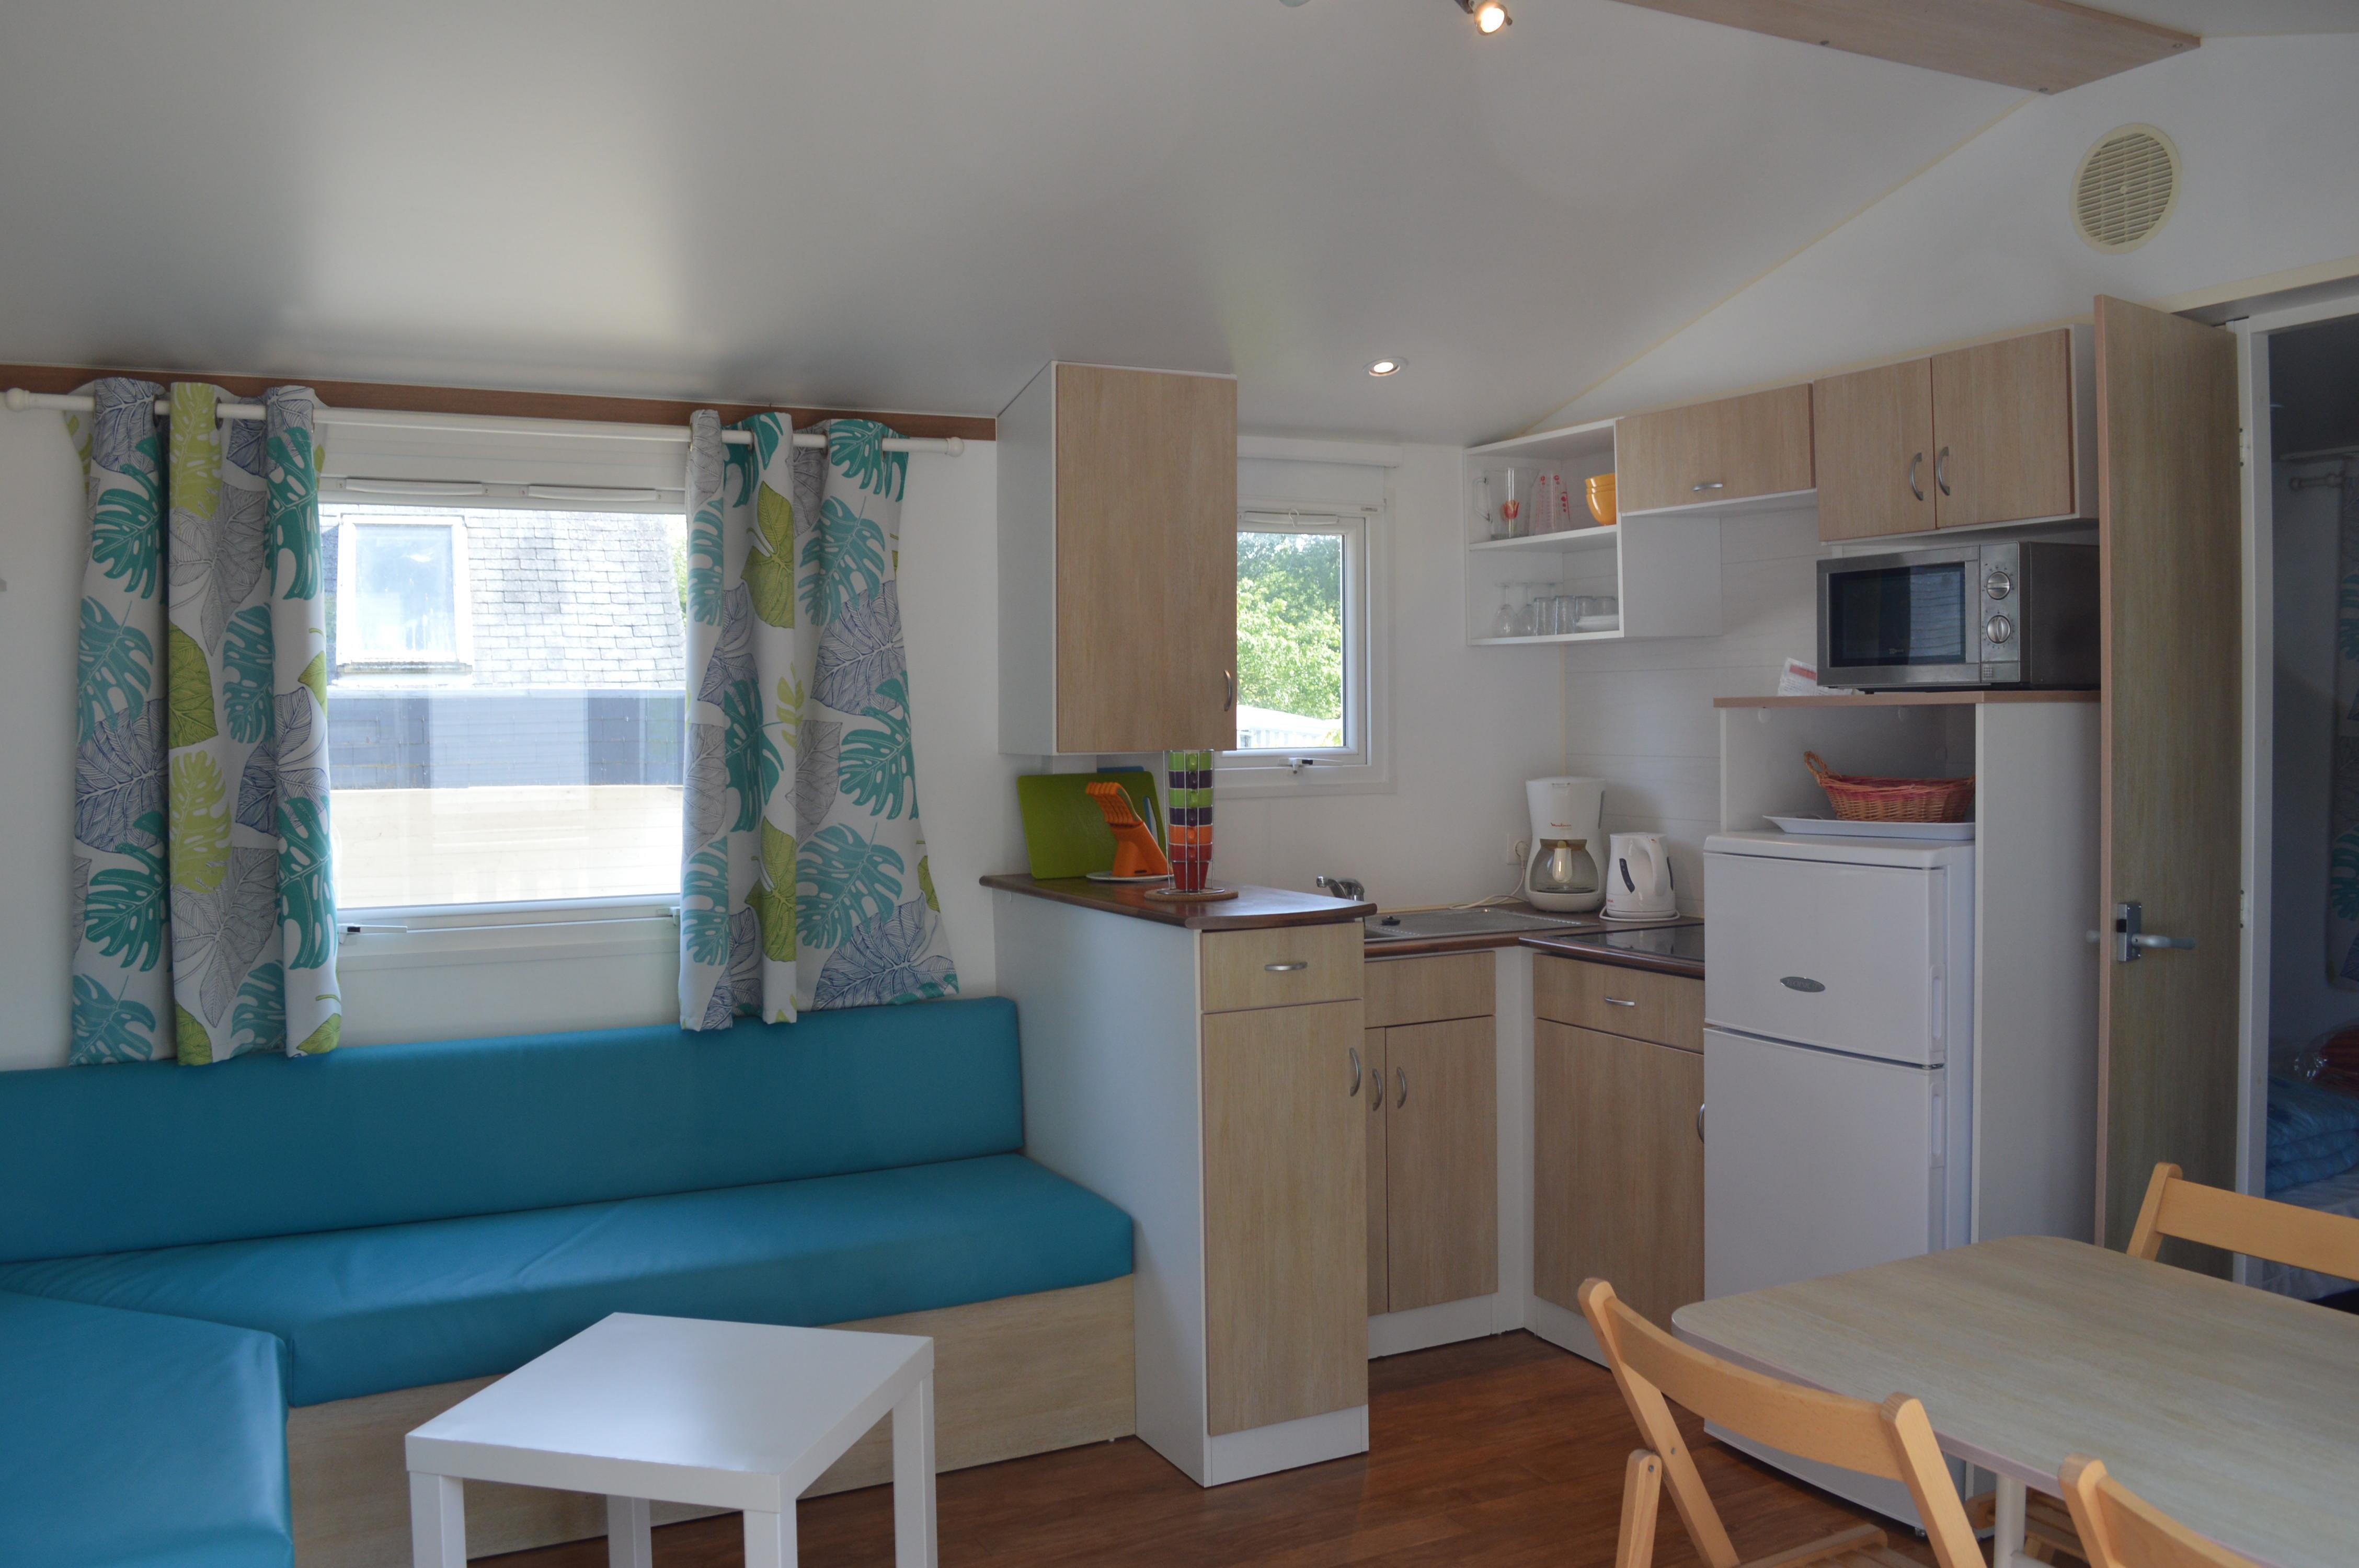 Location - Mobil Home Standard Flores +Tv Dimanche - 2 Chambres +Terrasse - Camping Baie de Térénez